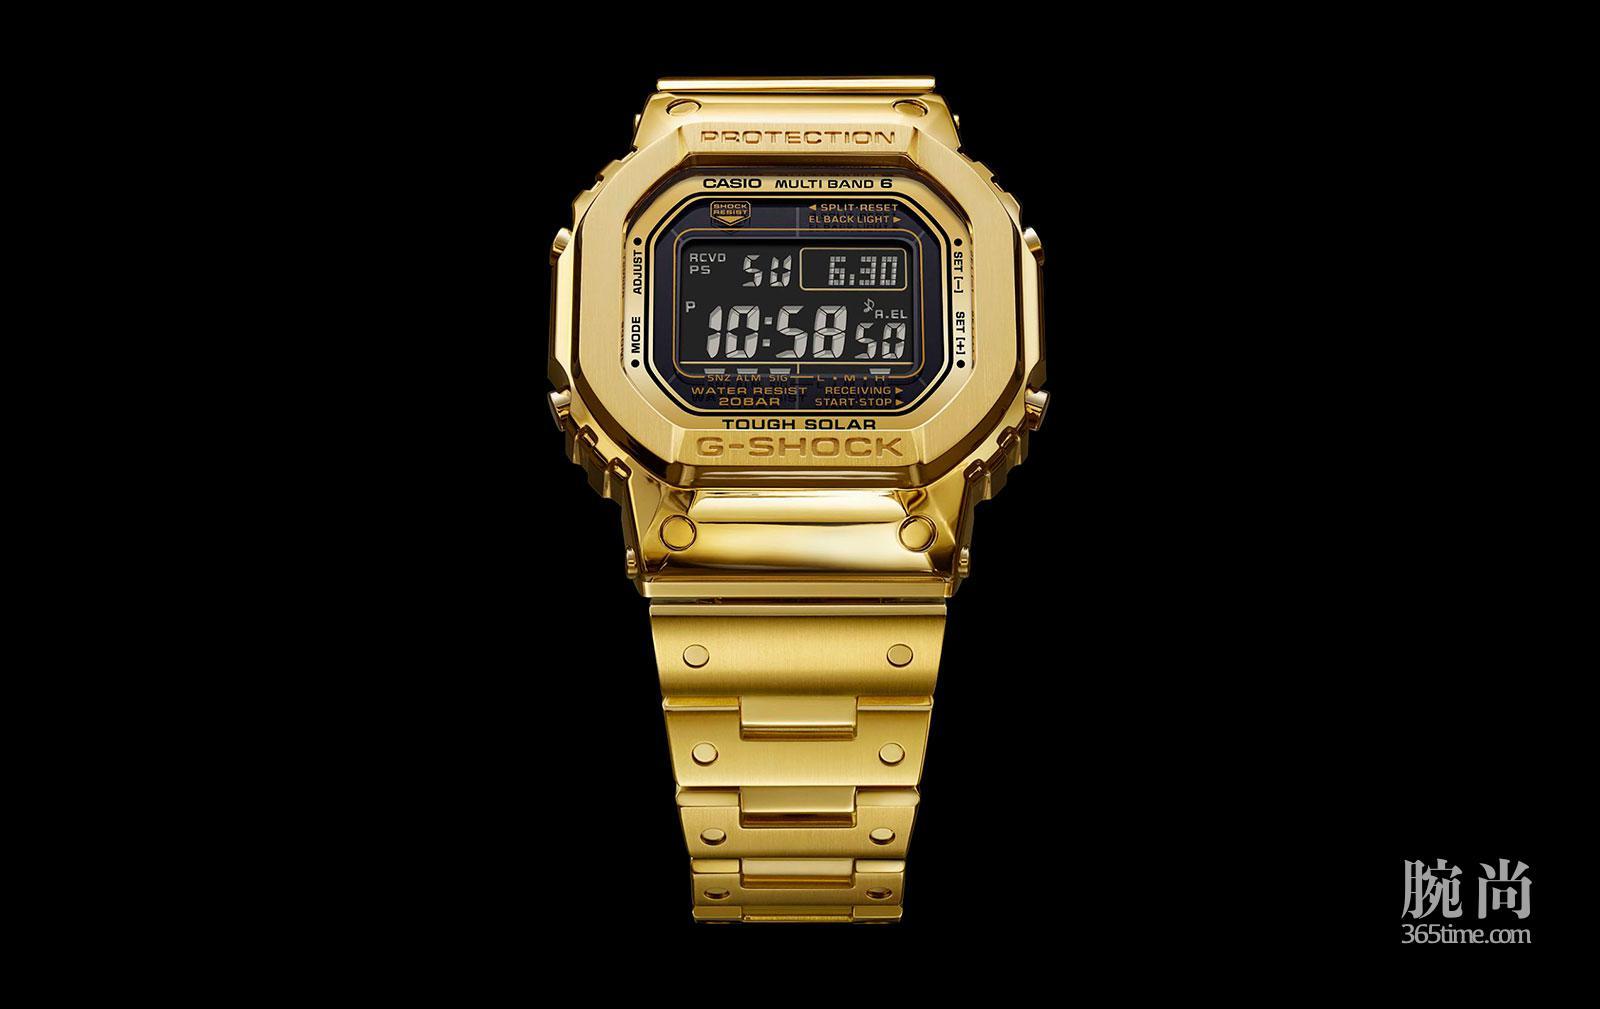 Pure_Gold_G-SHOCK_18k_G-D5000-9JR-3.jpg